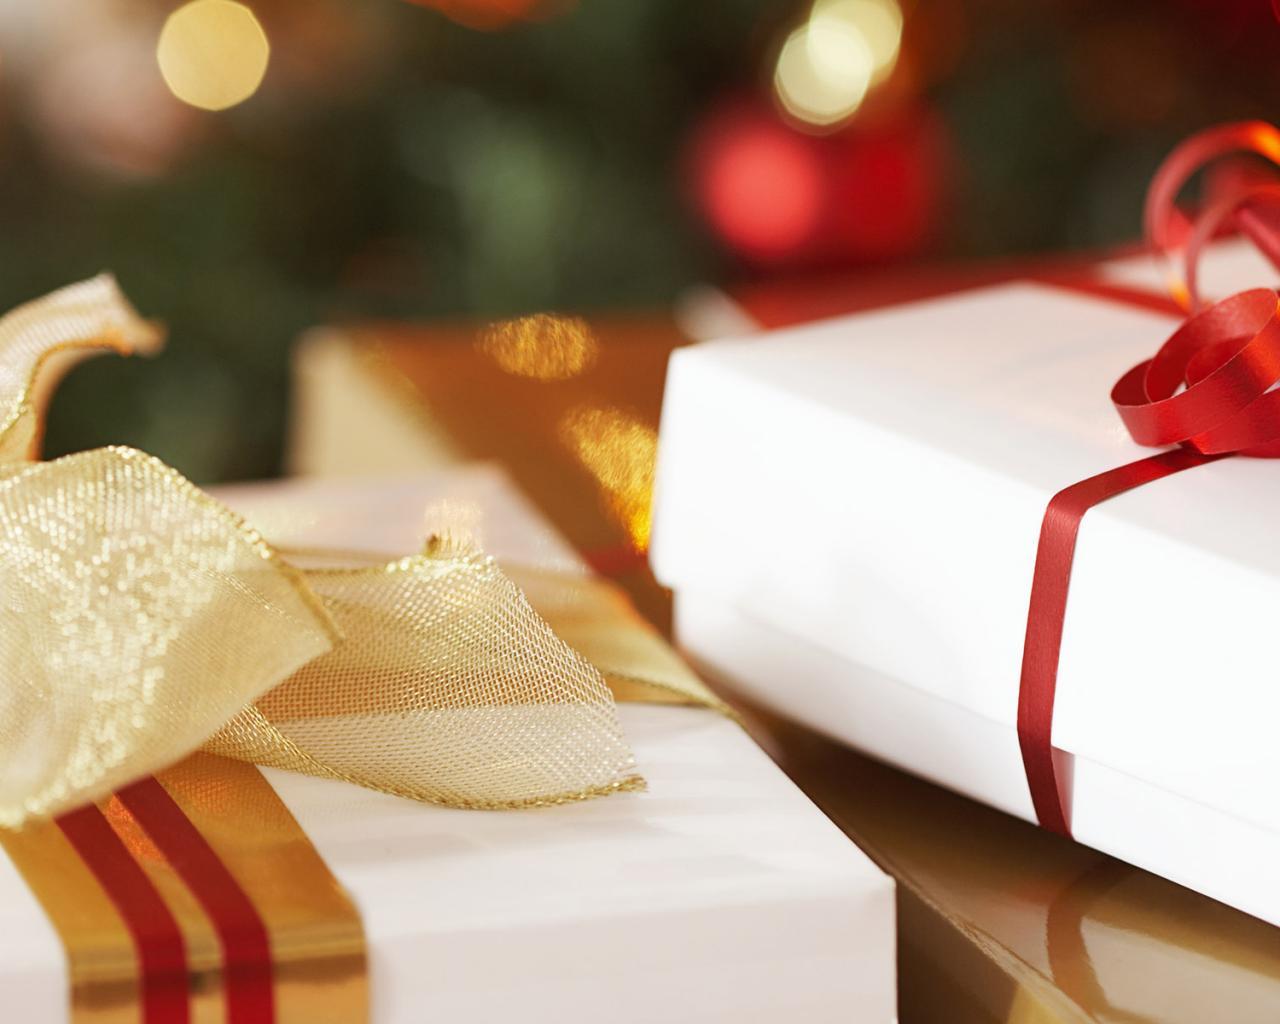 Скачать обои Красивые рождественские подарки / 1280x1024